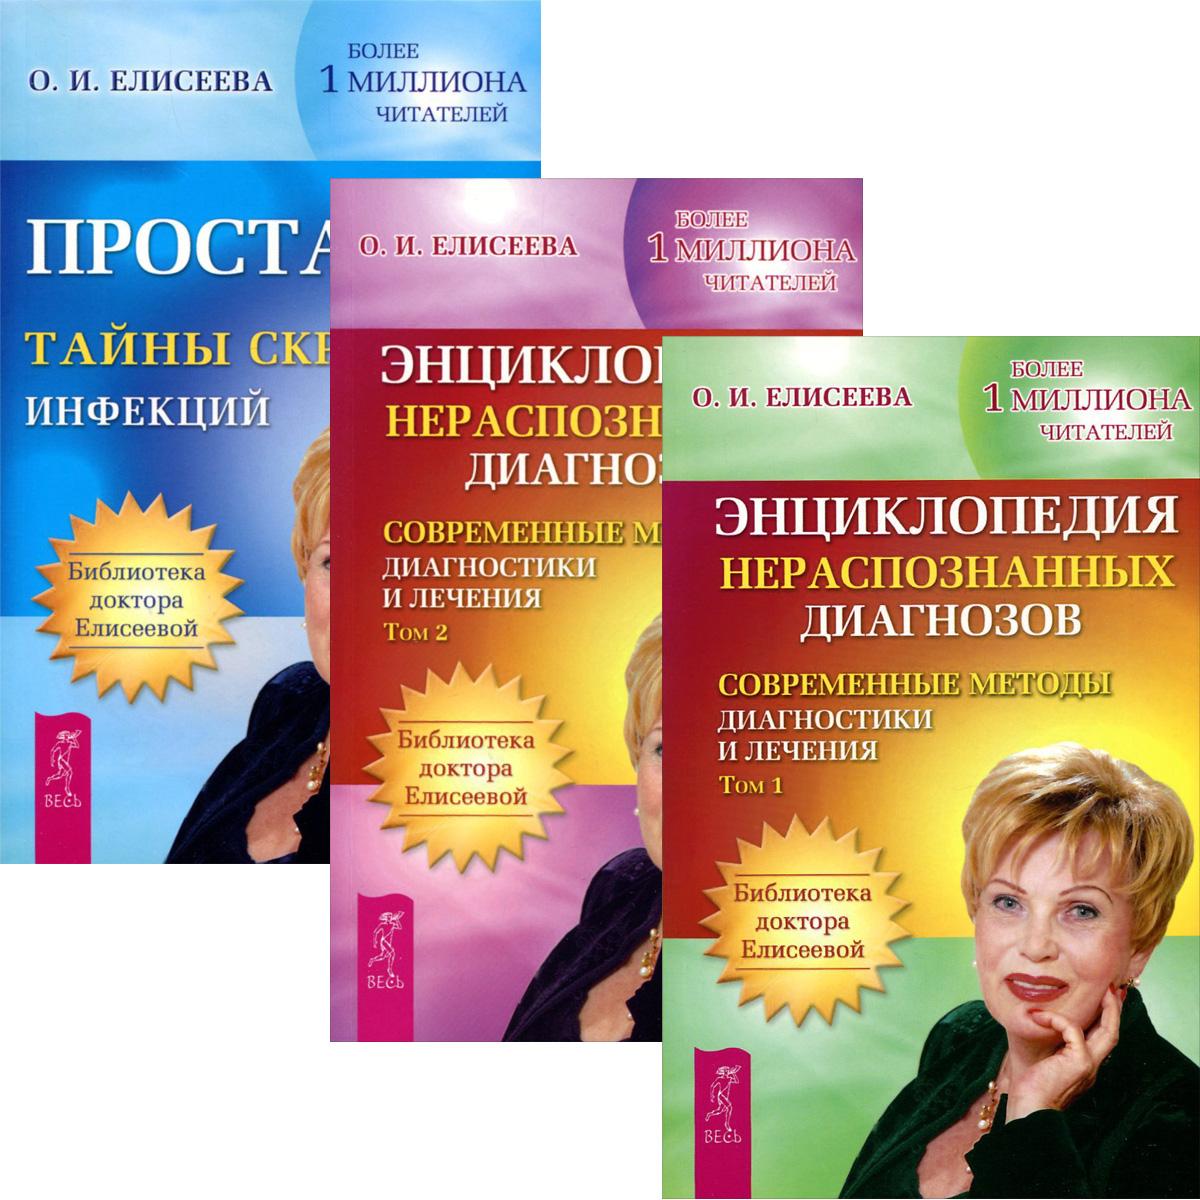 Простатит. Энциклопедия нераспознанных диагнозов. В 2 томах (комплект из 3 книг)